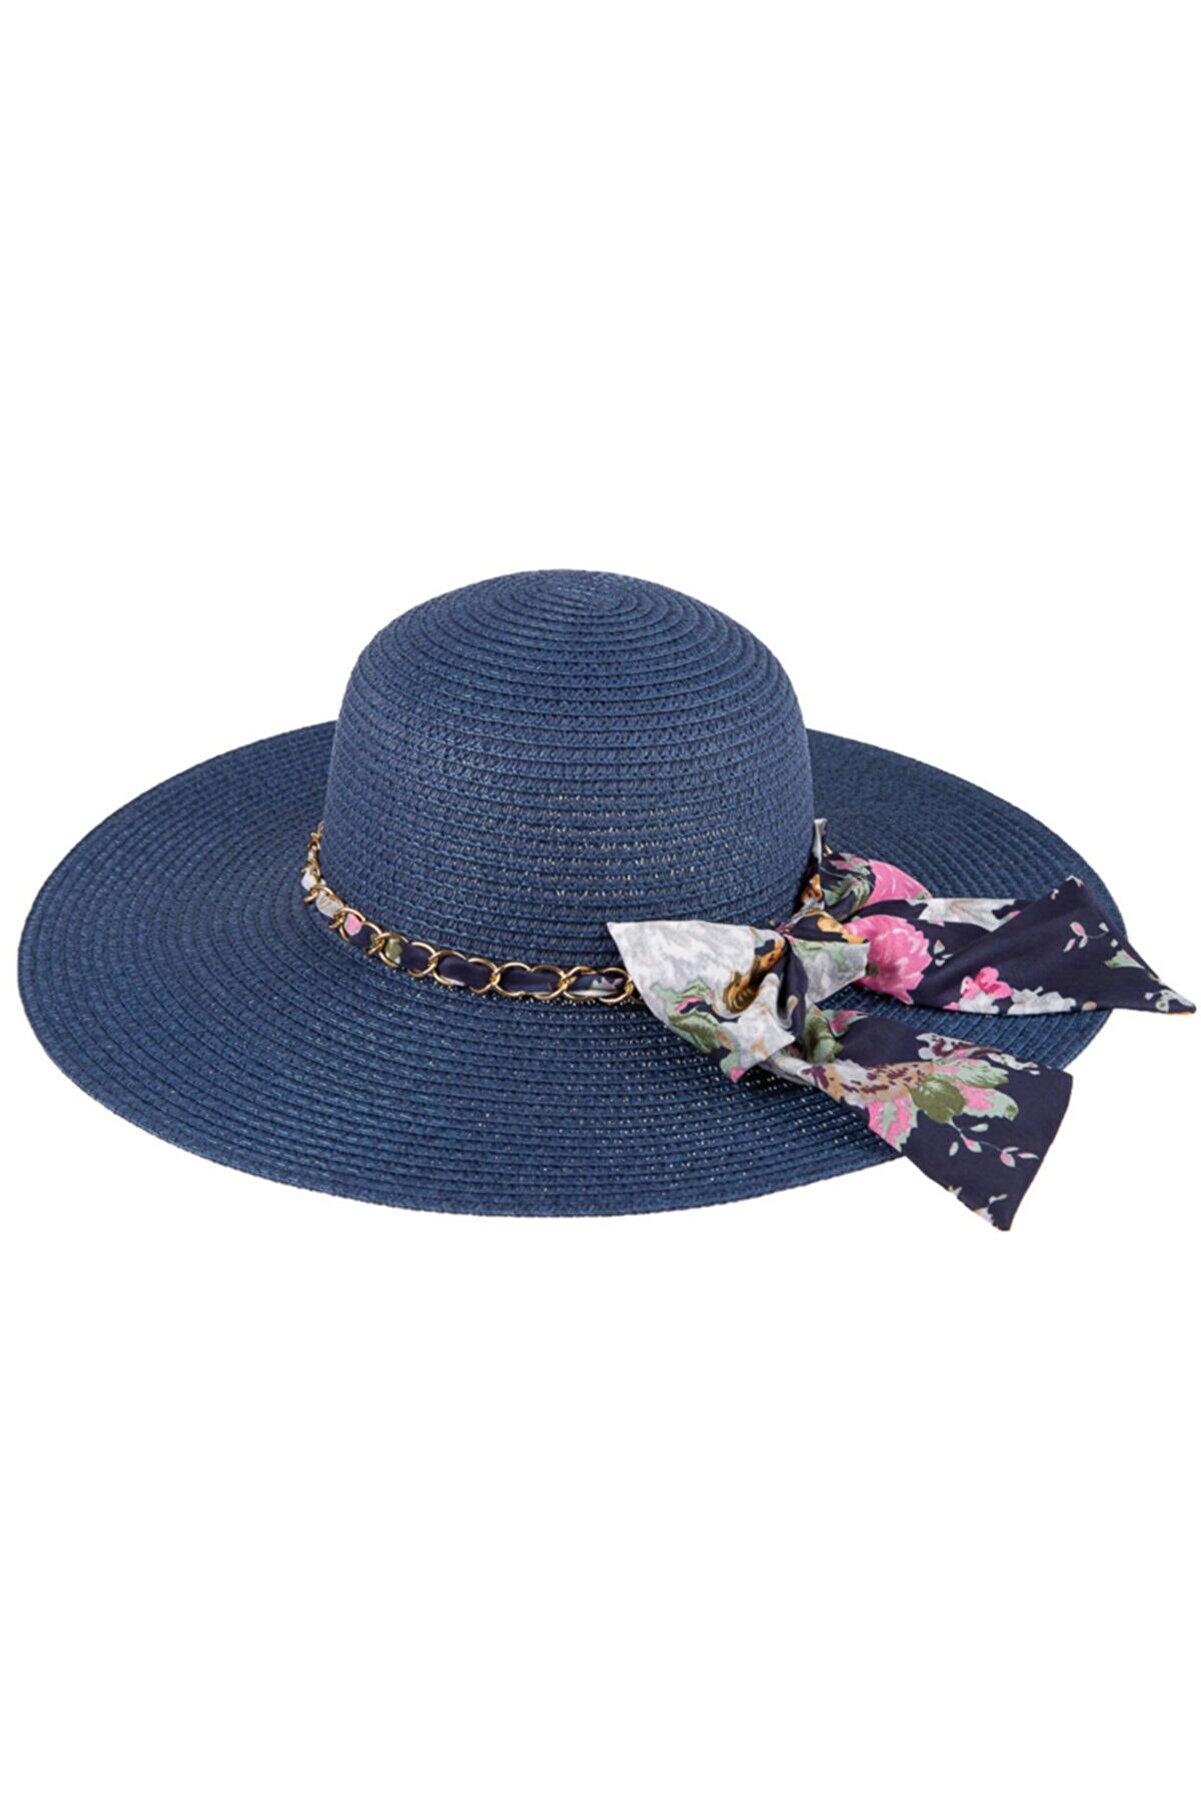 SYT Kadın Lacivert Hasır Şapka